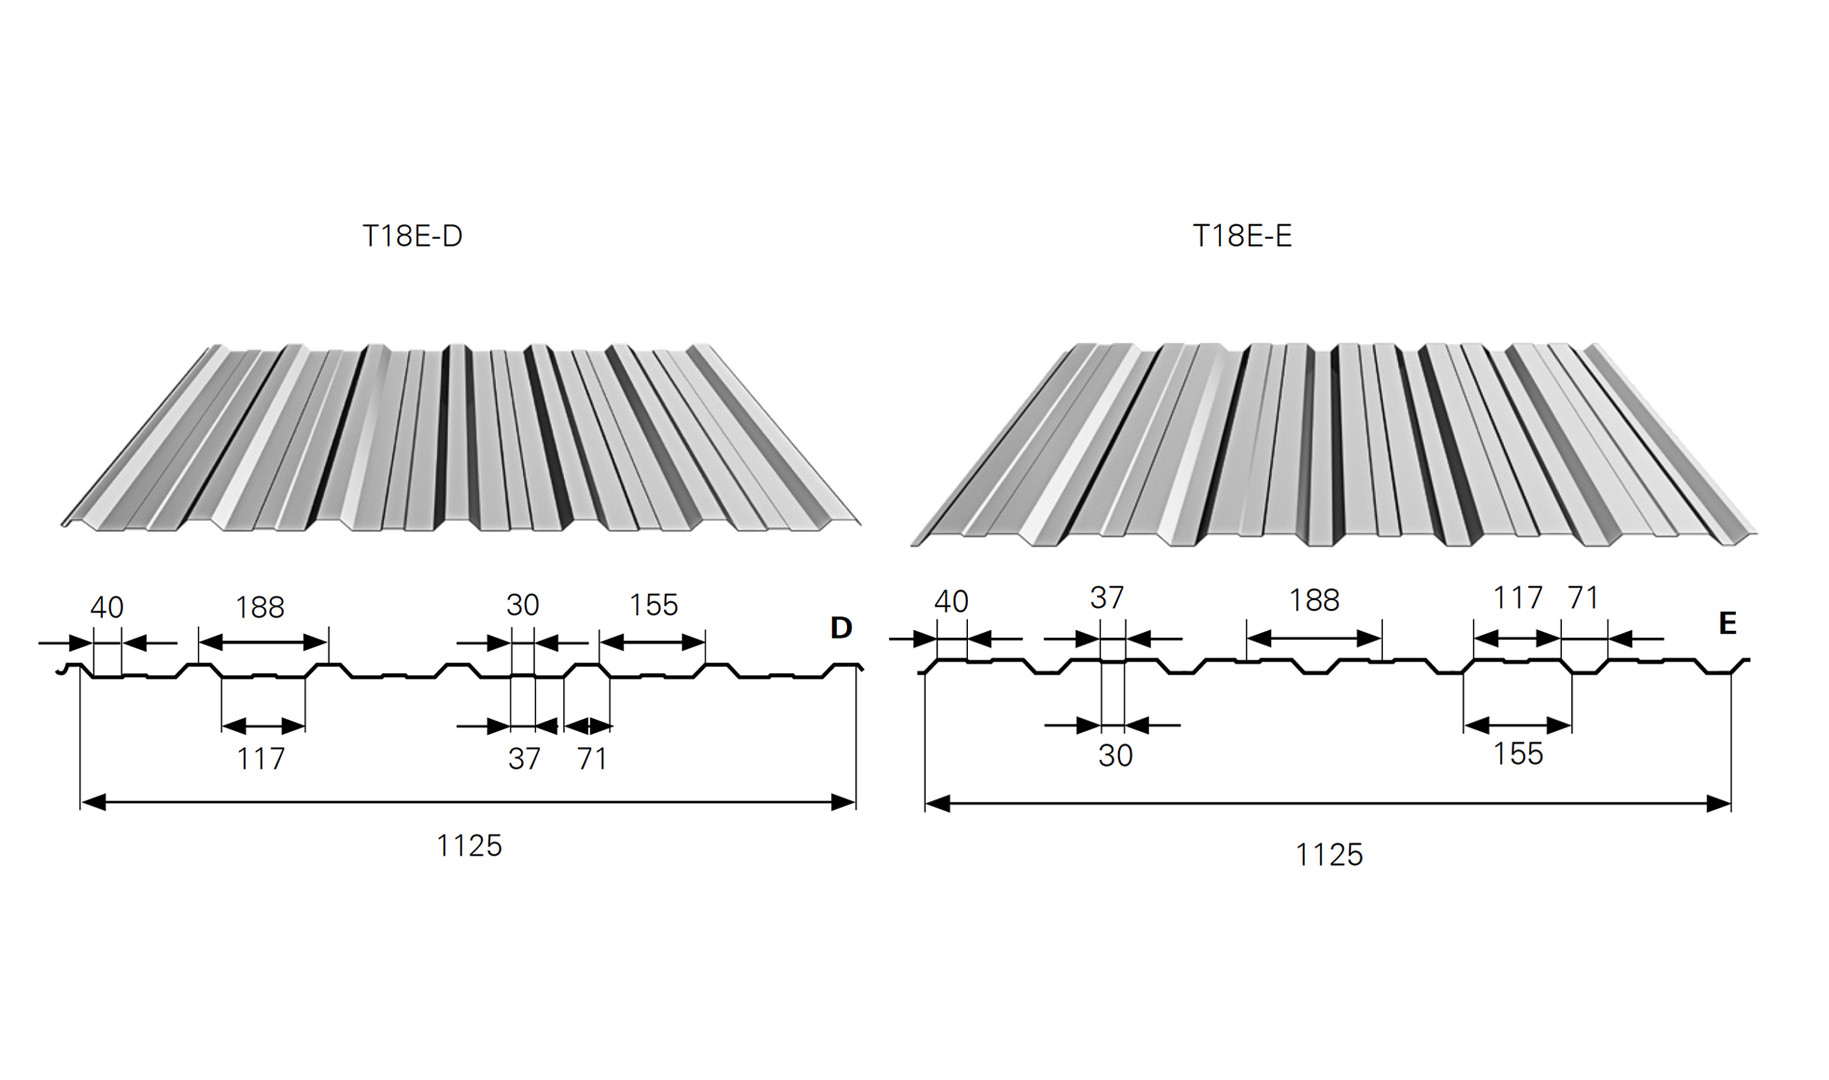 blacha trapezowa t18 eco specyfikacja